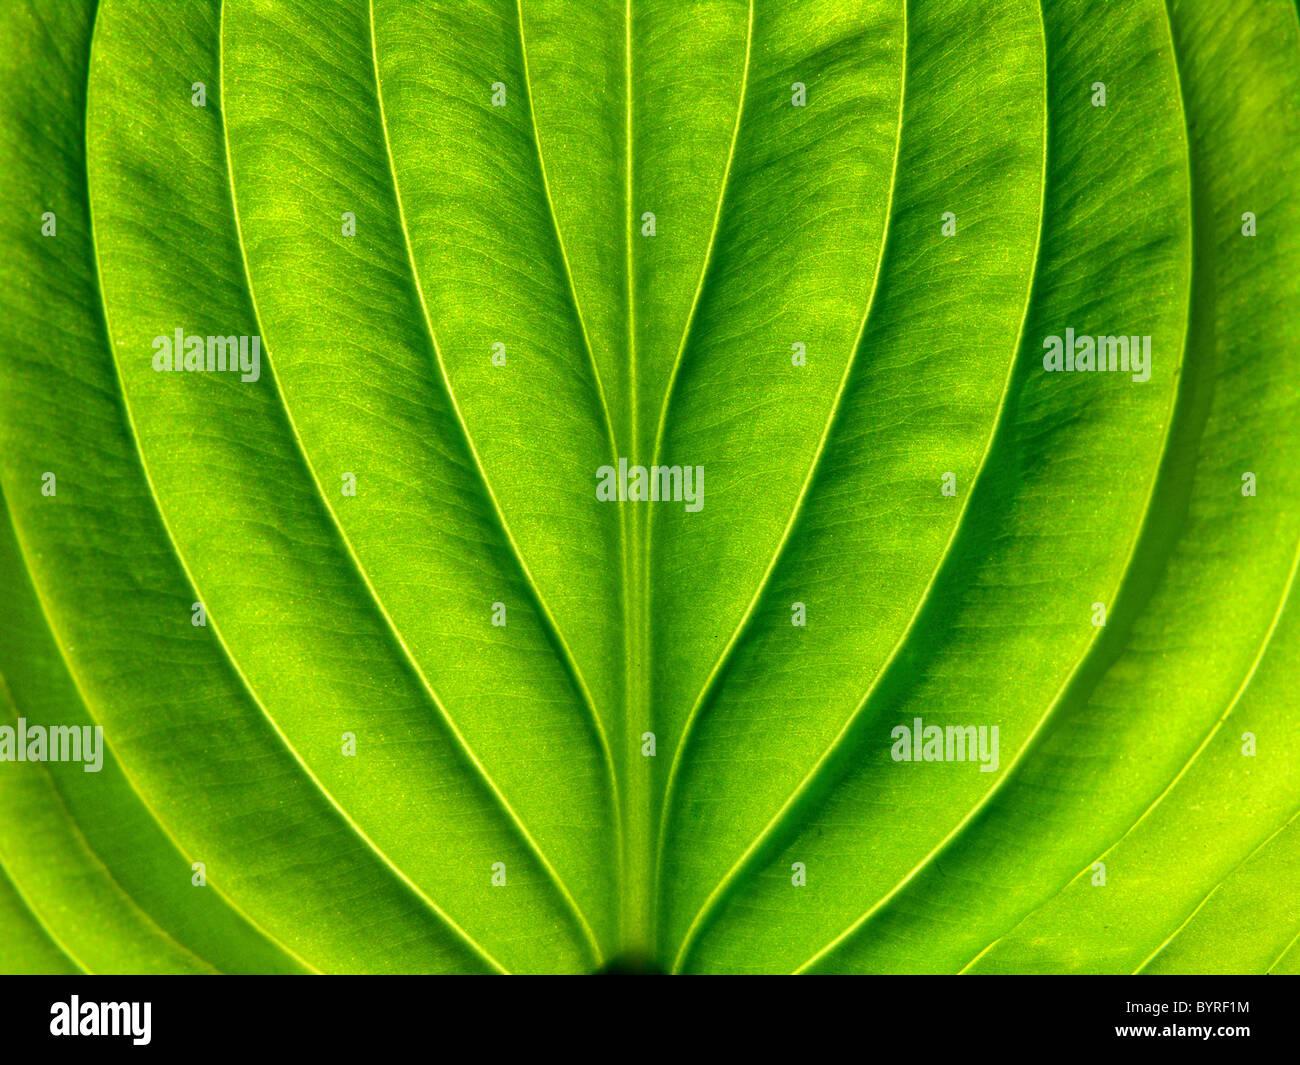 Image conceptuelle d'une feuille Photo Stock